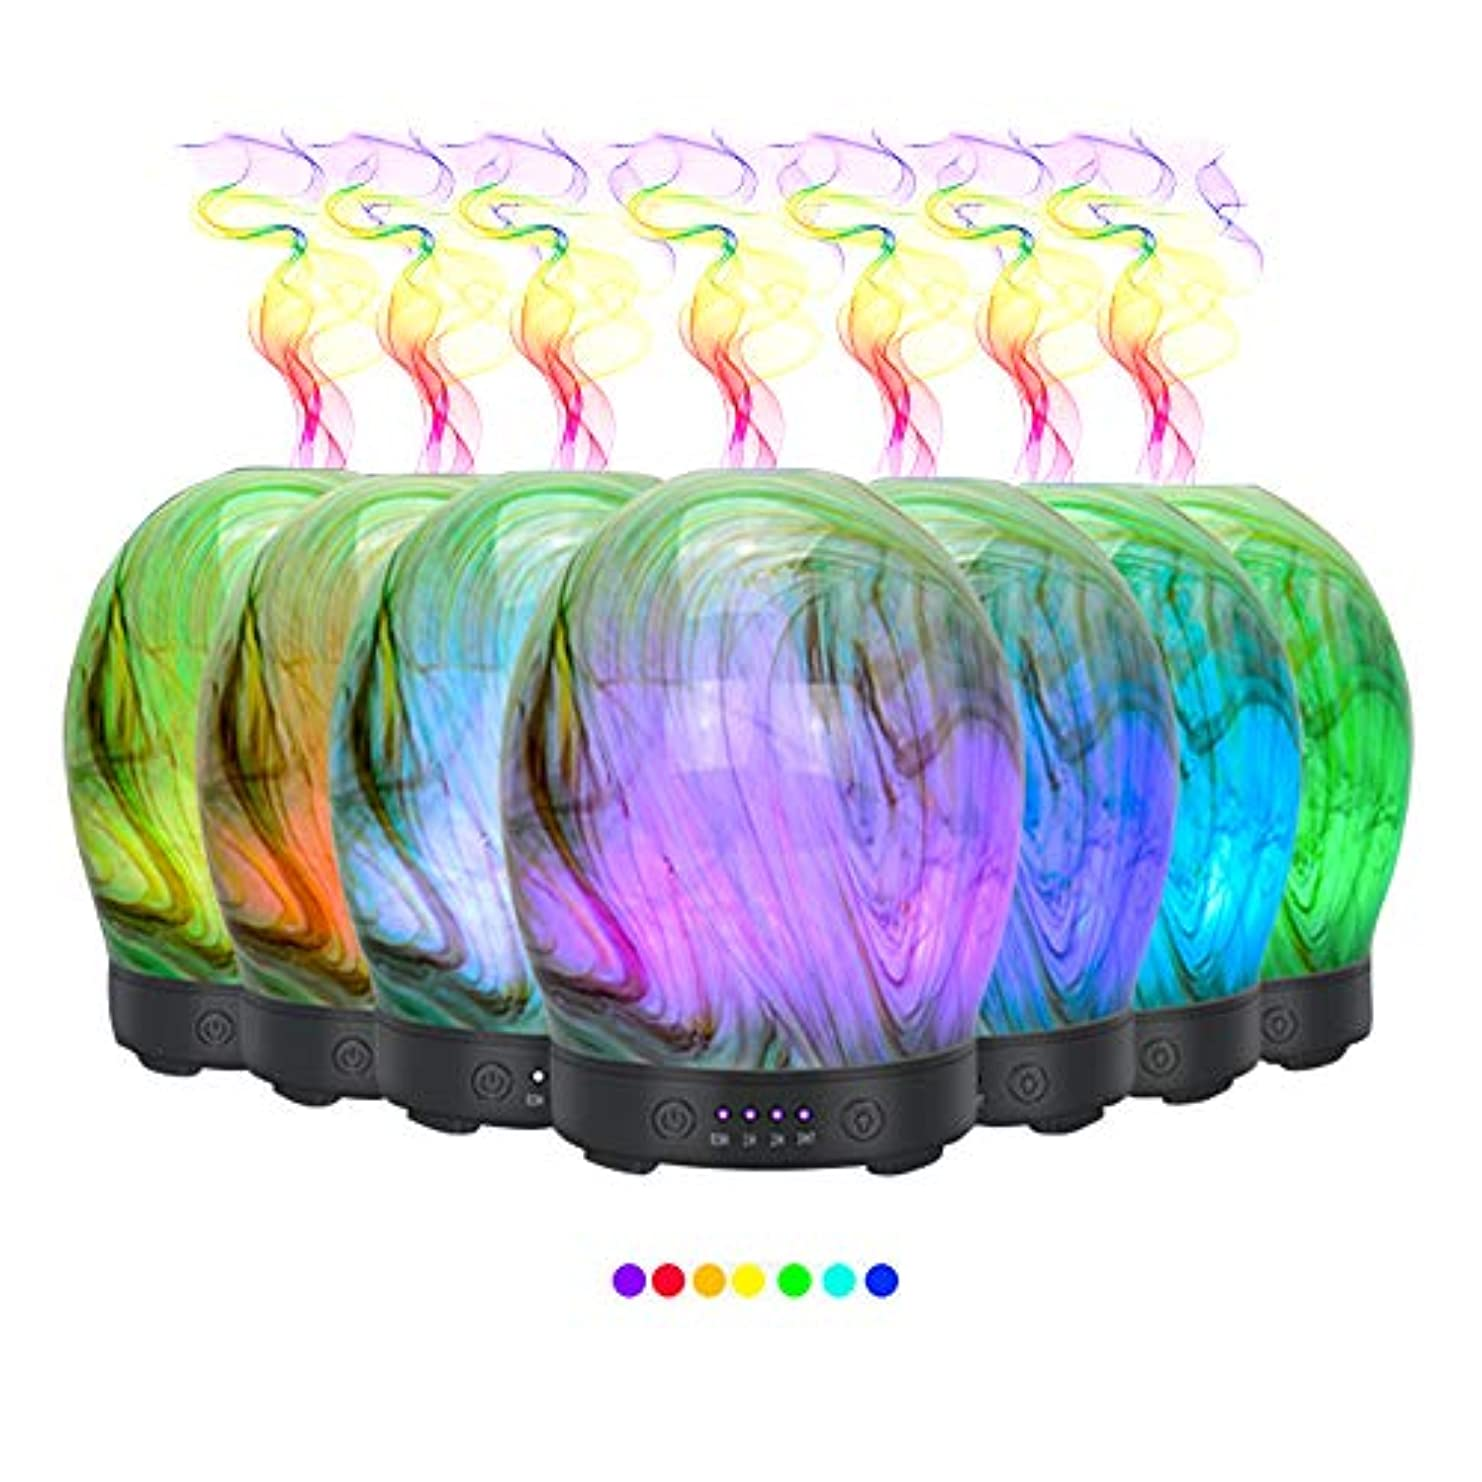 世界の窓破壊王女エッセンシャルオイル用ディフューザー (100ml)-3d アートガラスツイストツリーアロマ加湿器7色の変更 LED ライト & 4 タイマー設定、水なしオートシャットオフ